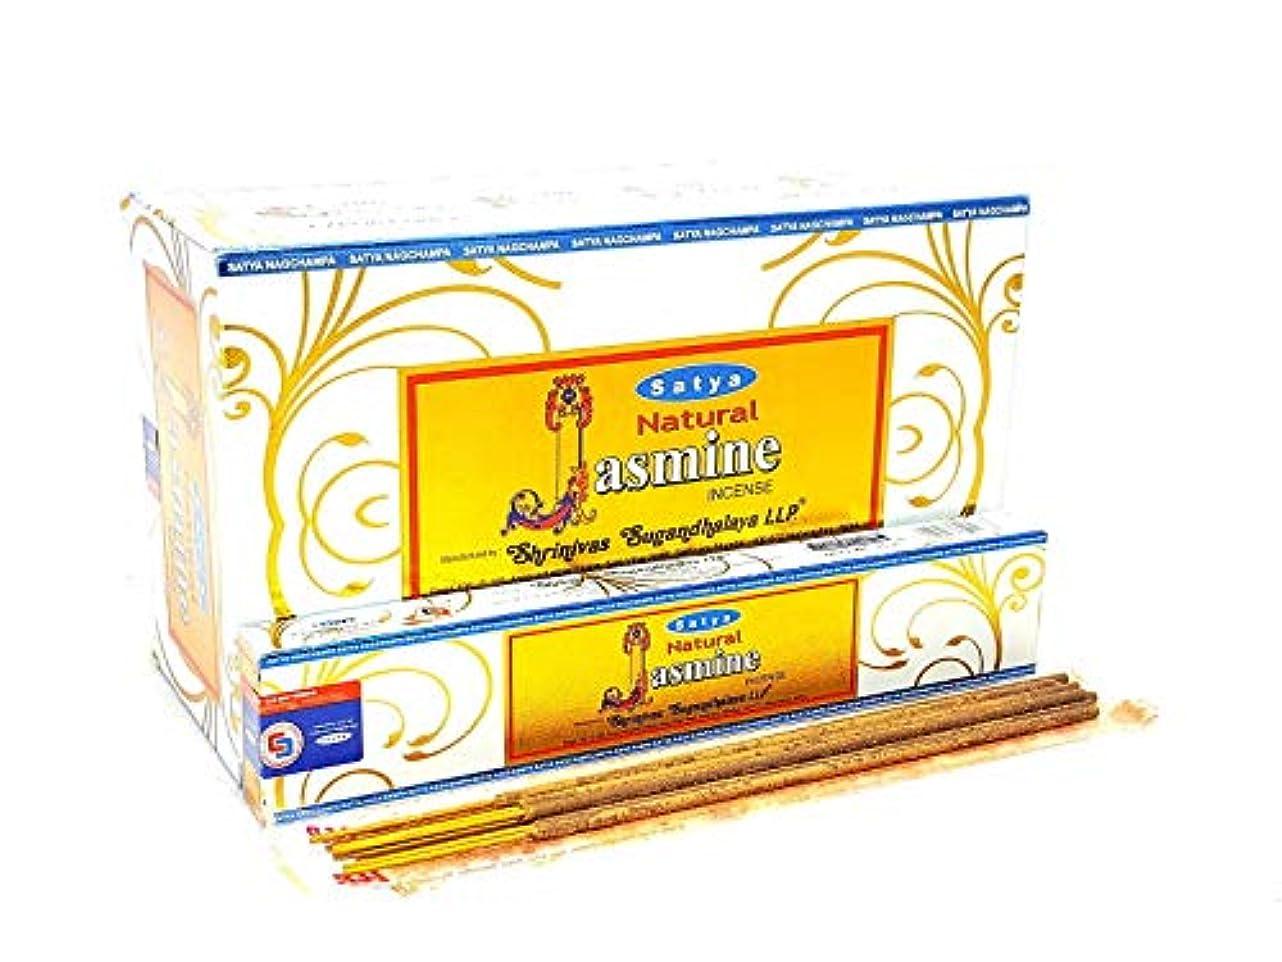 ファシズム協会発音するSatya 天然ジャスミンお香スティック アガーバッティ 15グラム x 12パック 180グラムの箱 輸出品質